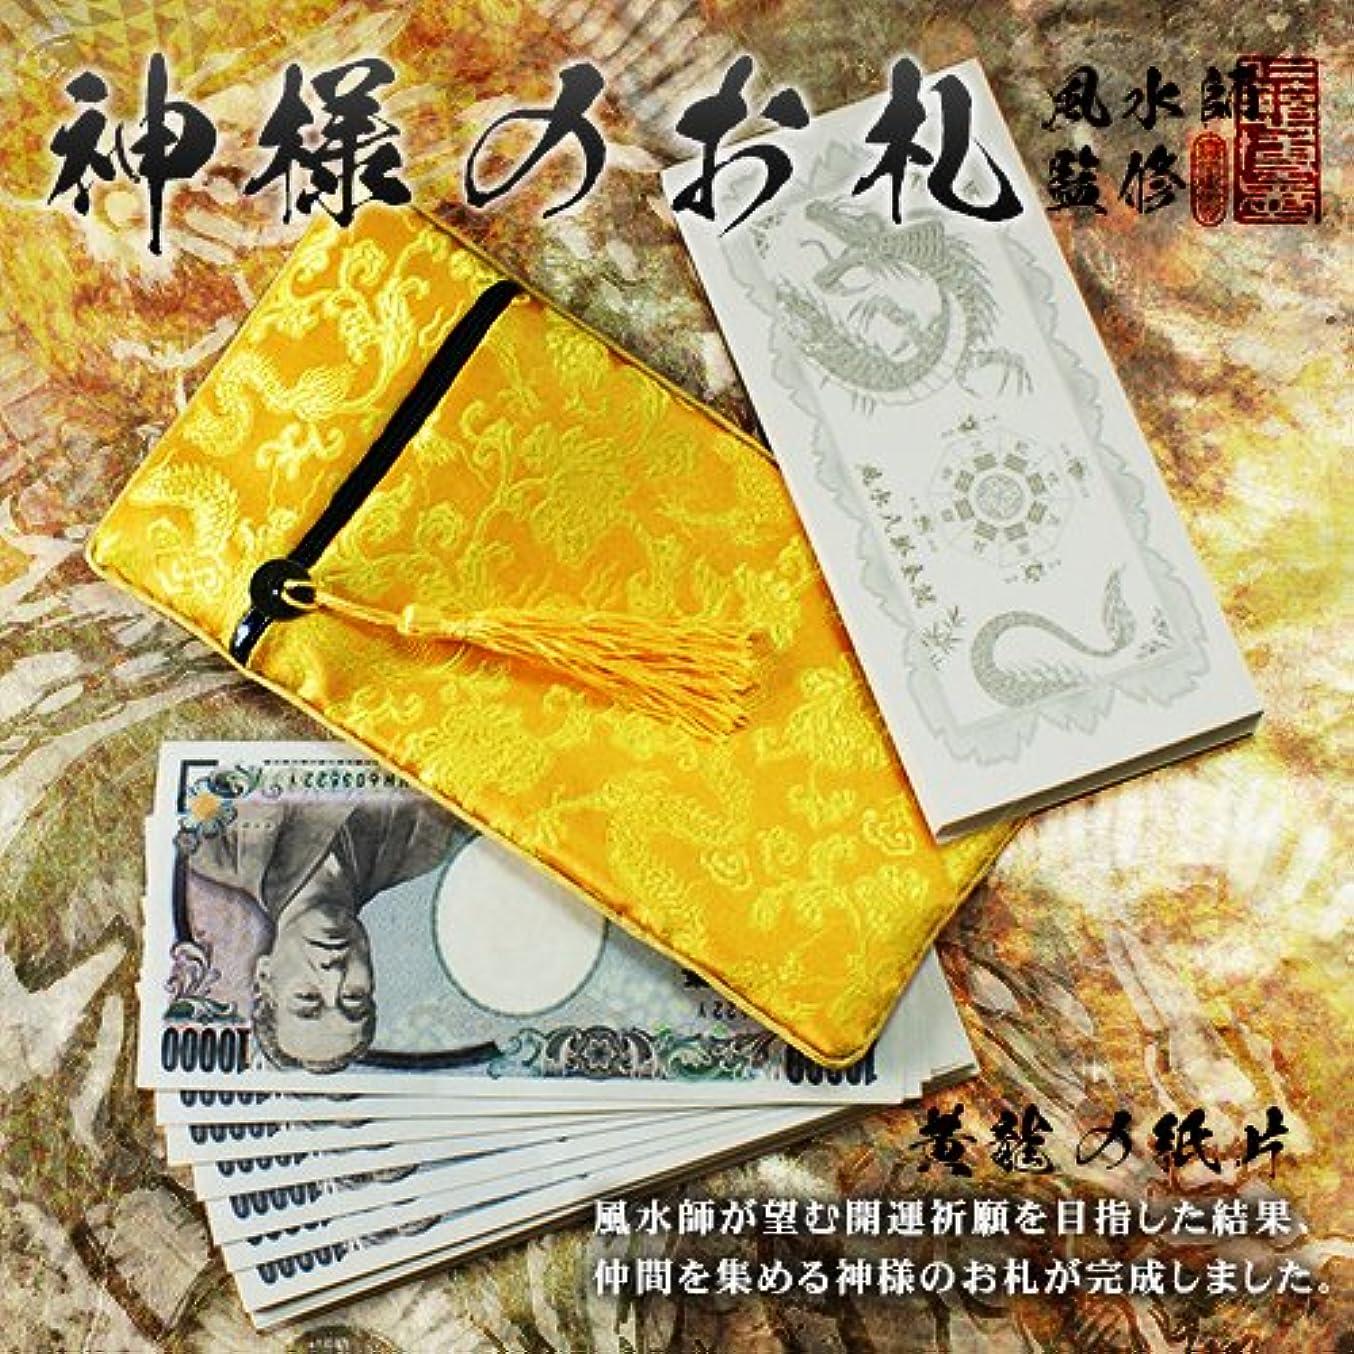 失礼なクライアント太平洋諸島神様のお札 ~黄金黄龍の紙片~